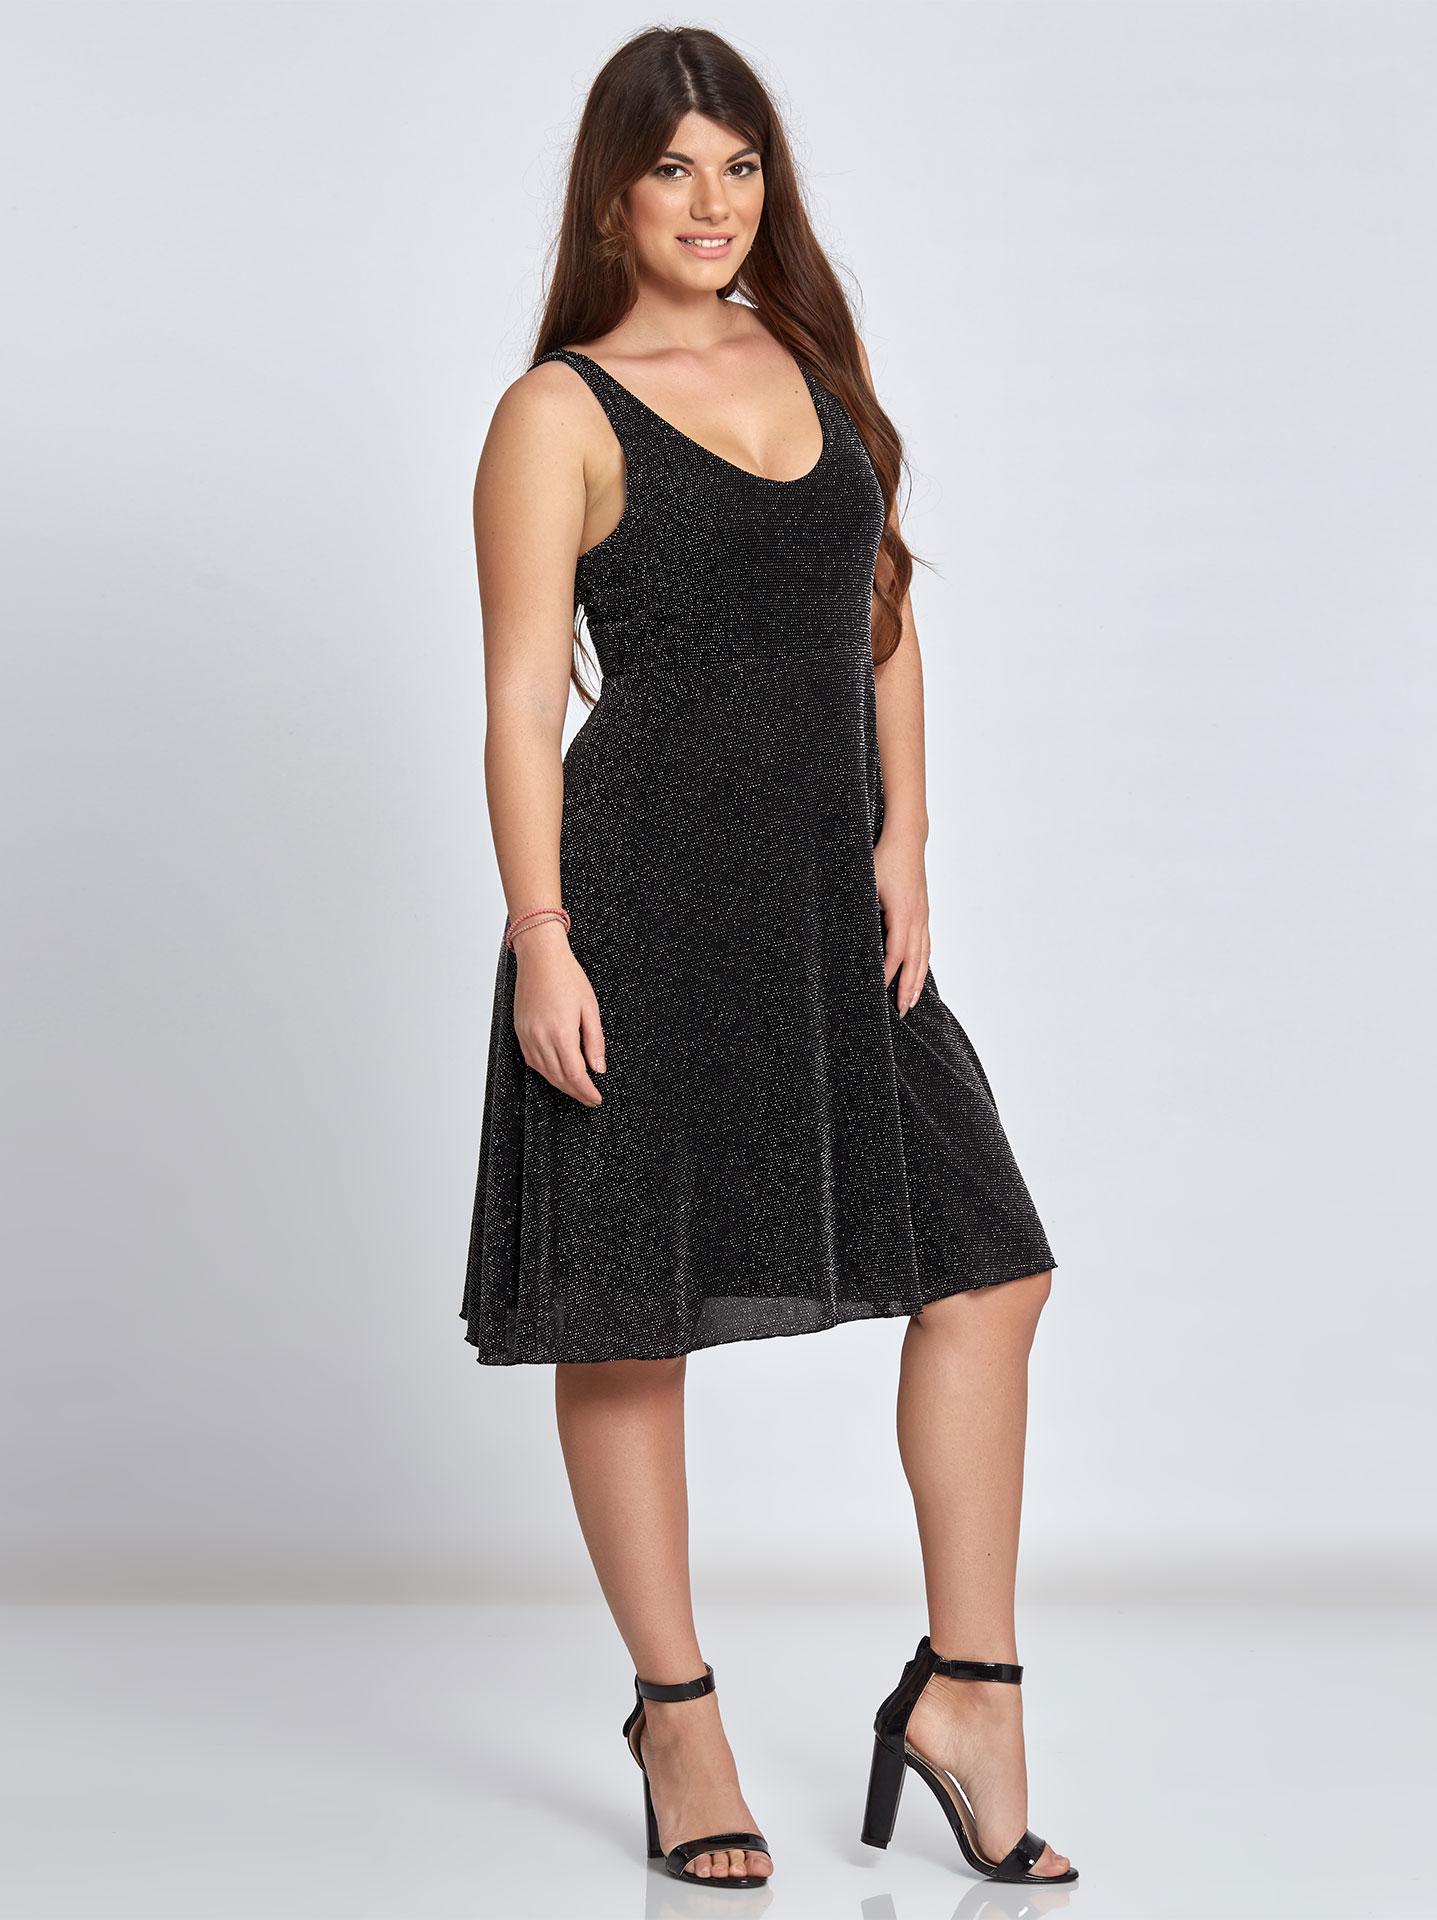 Μεταλλιζέ αμάνικο midi φόρεμα curvy σε ασημι 9affa02d0fa